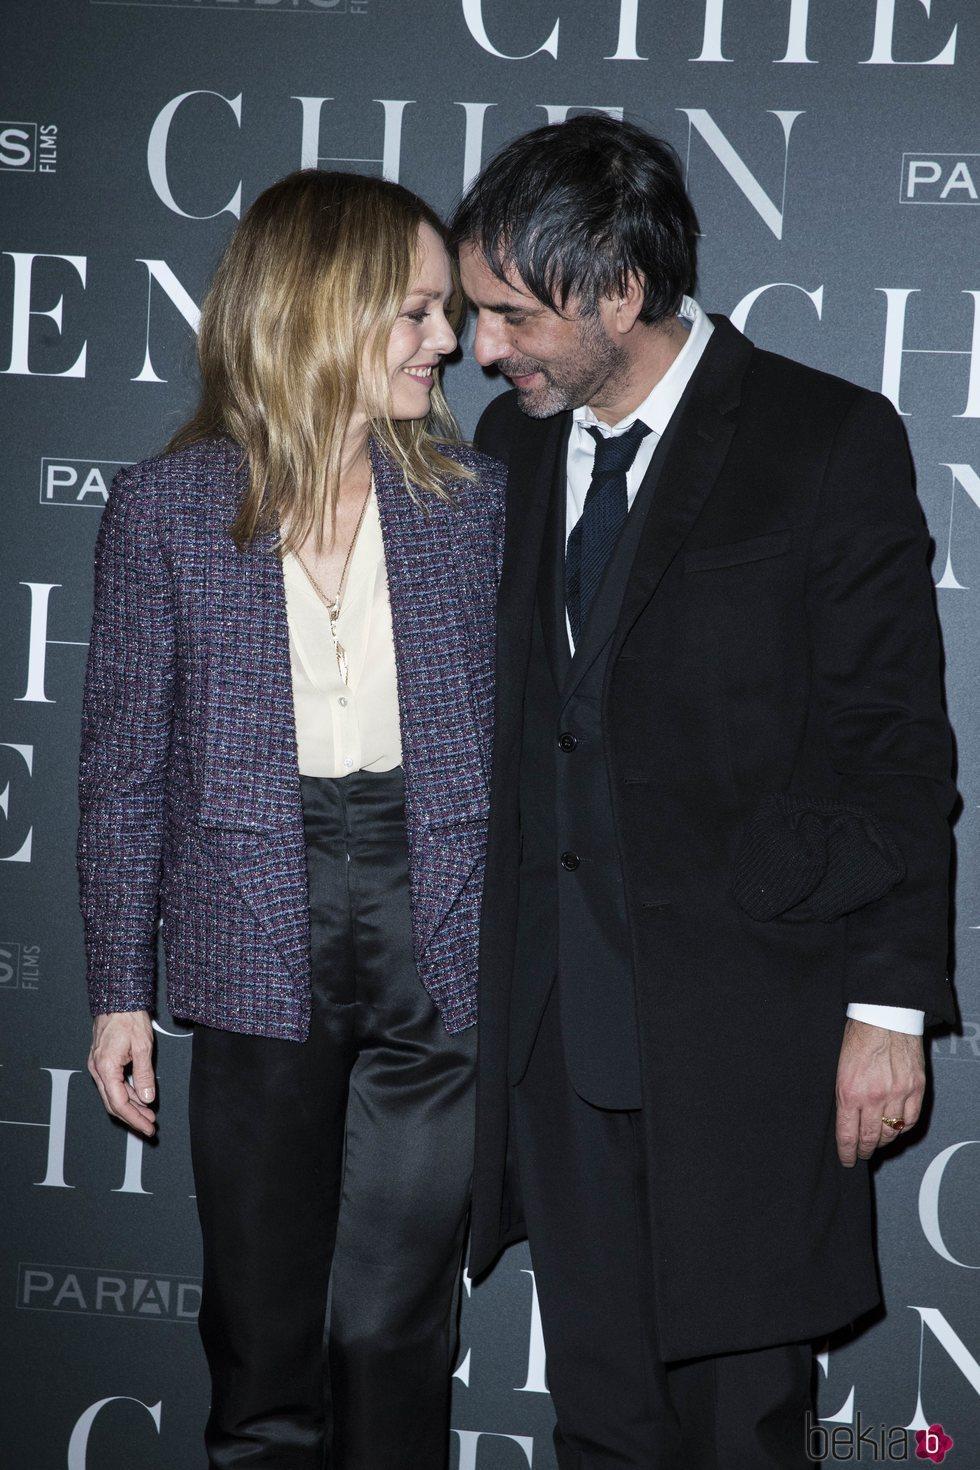 Vanessa Paradis y Samuel Benchetrit muy enamorados en la premiere de 'Chien'